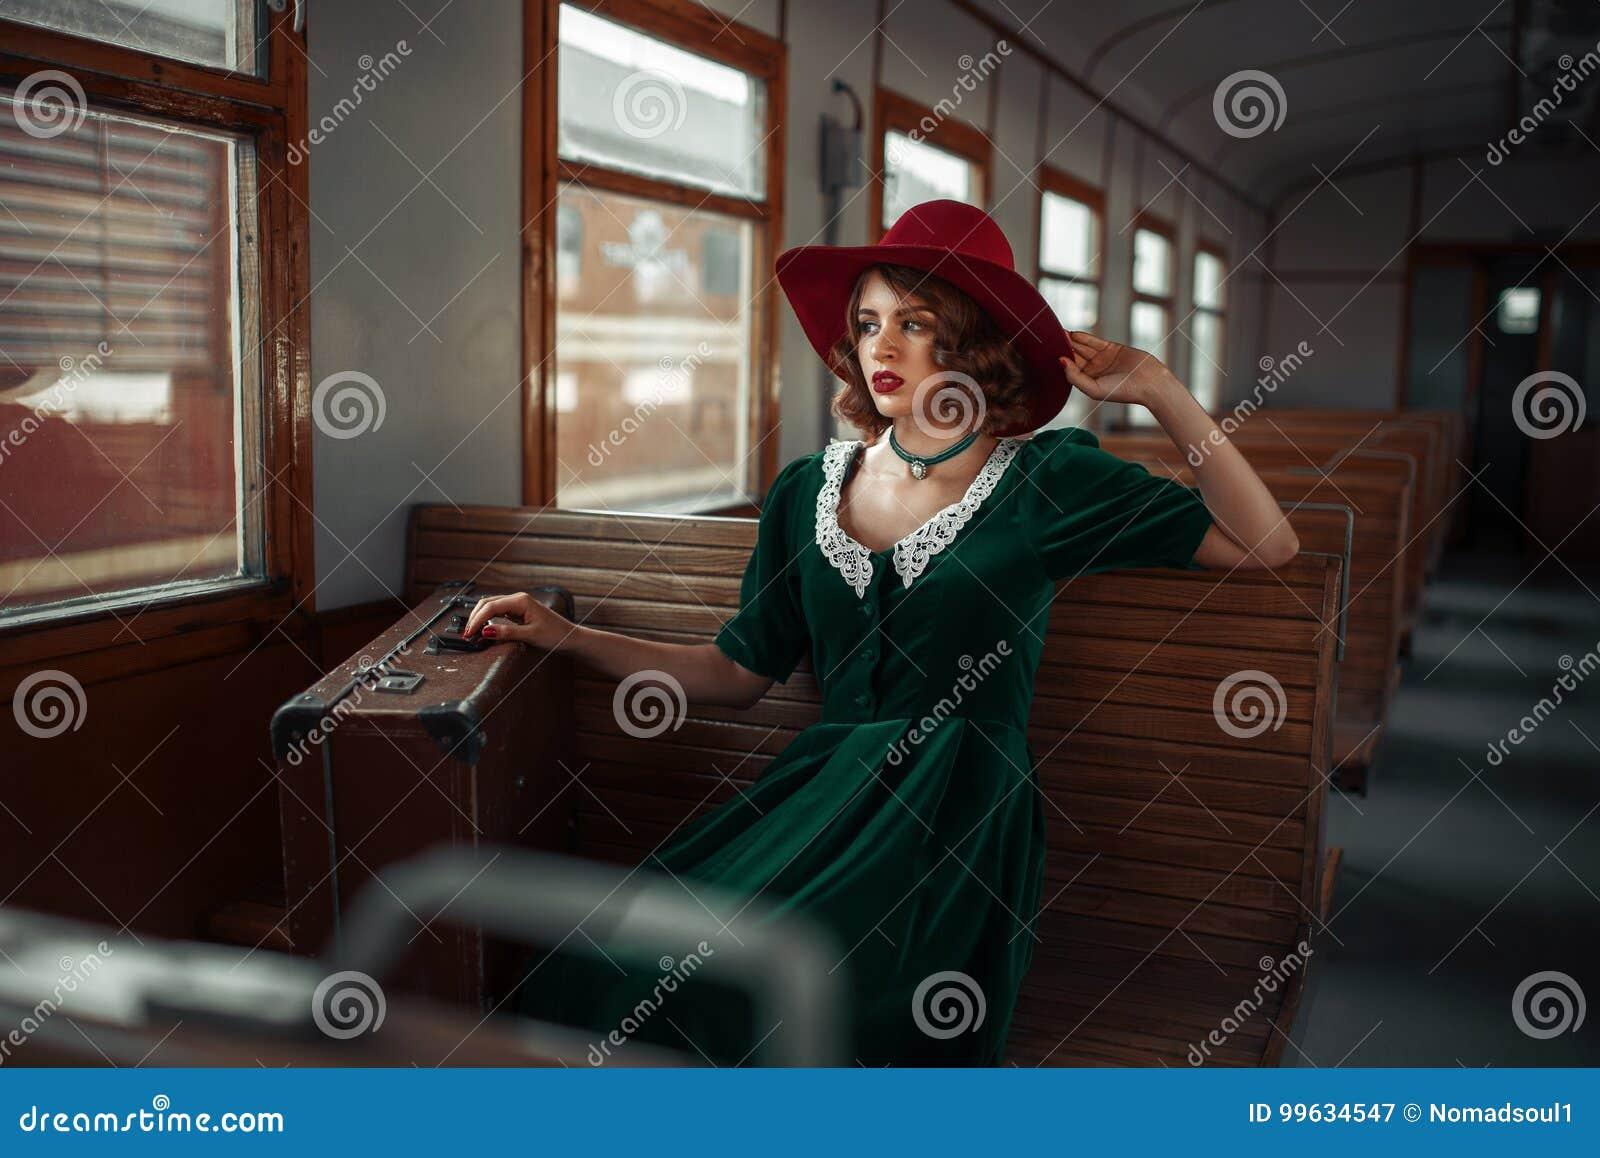 Schönheit im Retro- Zug, alter Lastwageninnenraum